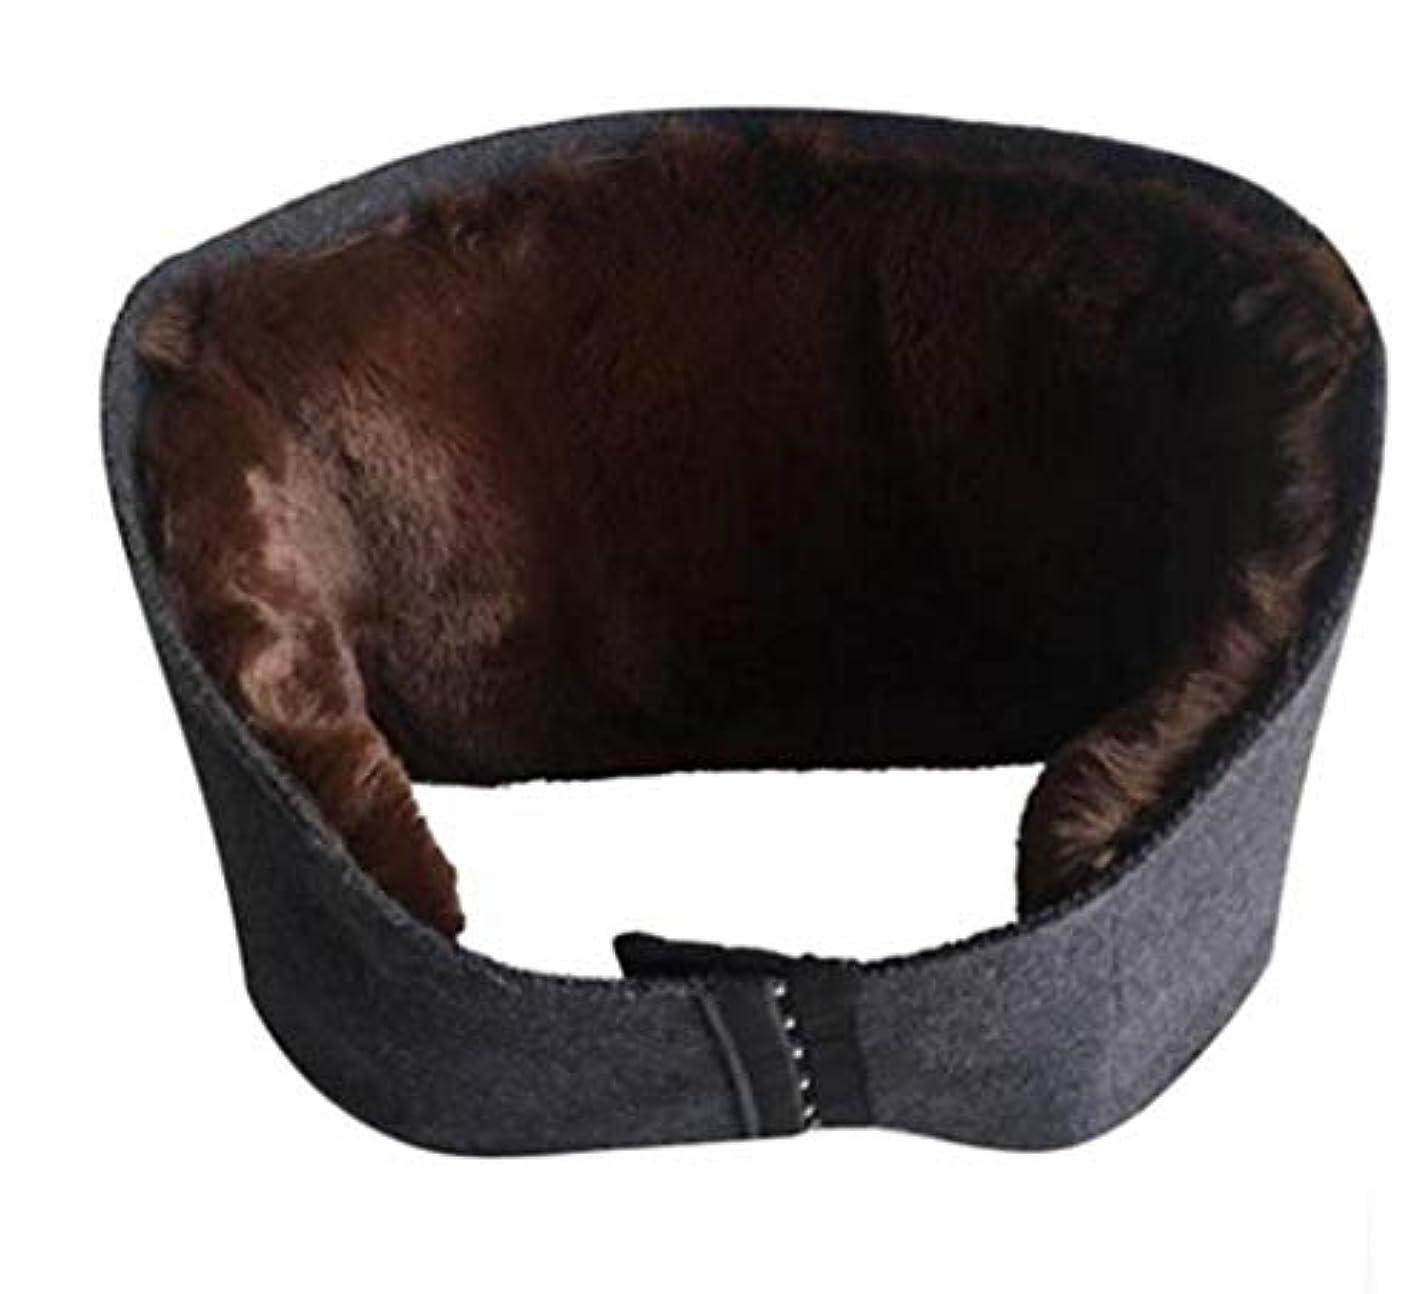 粉砕する属性現象腰暖かいベルト、ウール医療ウエストサポートベルト運動/作業/フィットネス保護ギア、男性と女性のための適切な鎮痛暖かい腰のサポート、